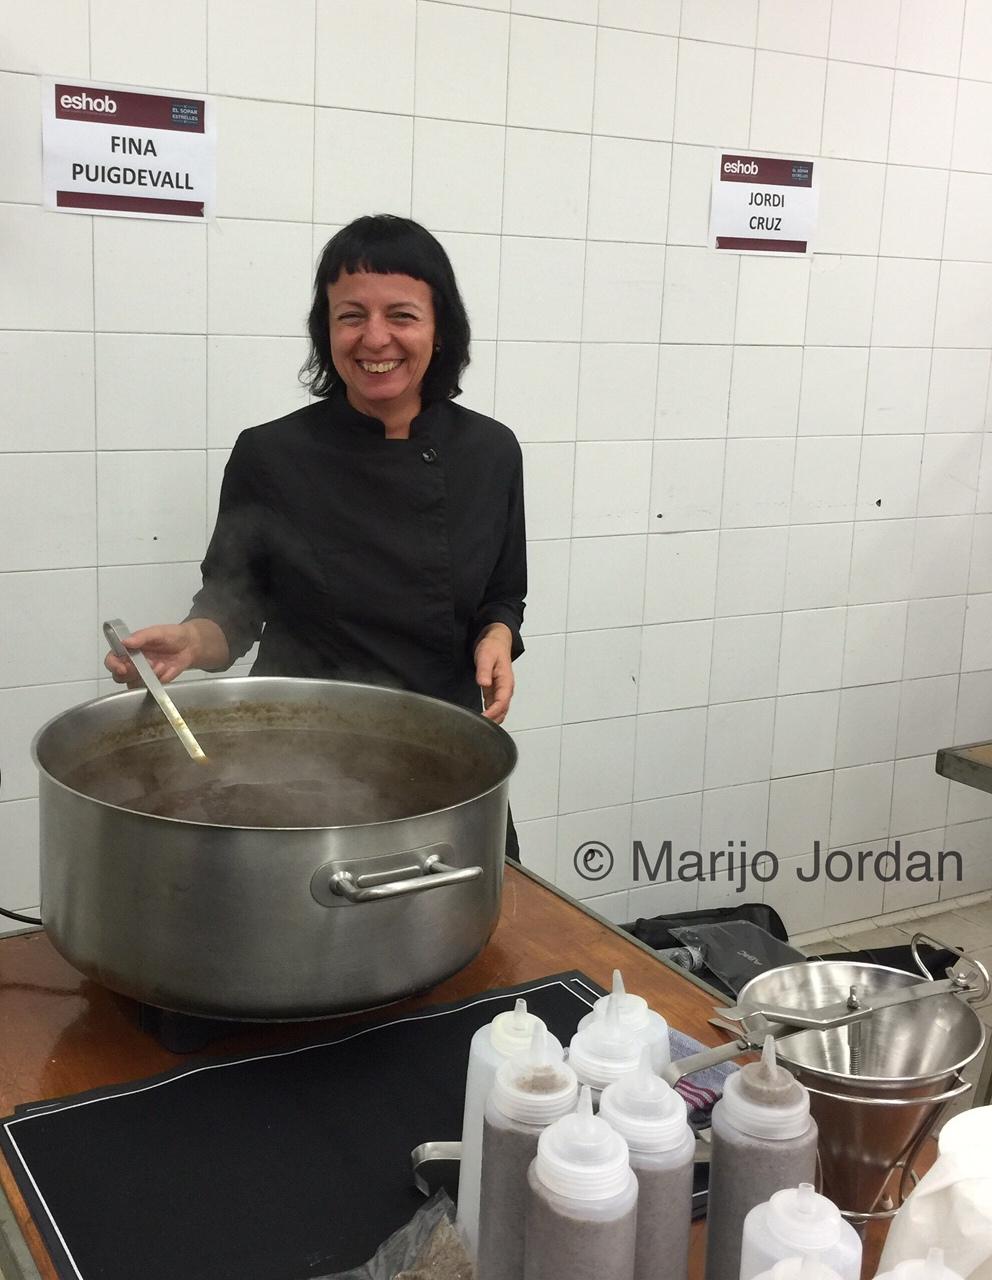 cocineros_marijobarcelona5